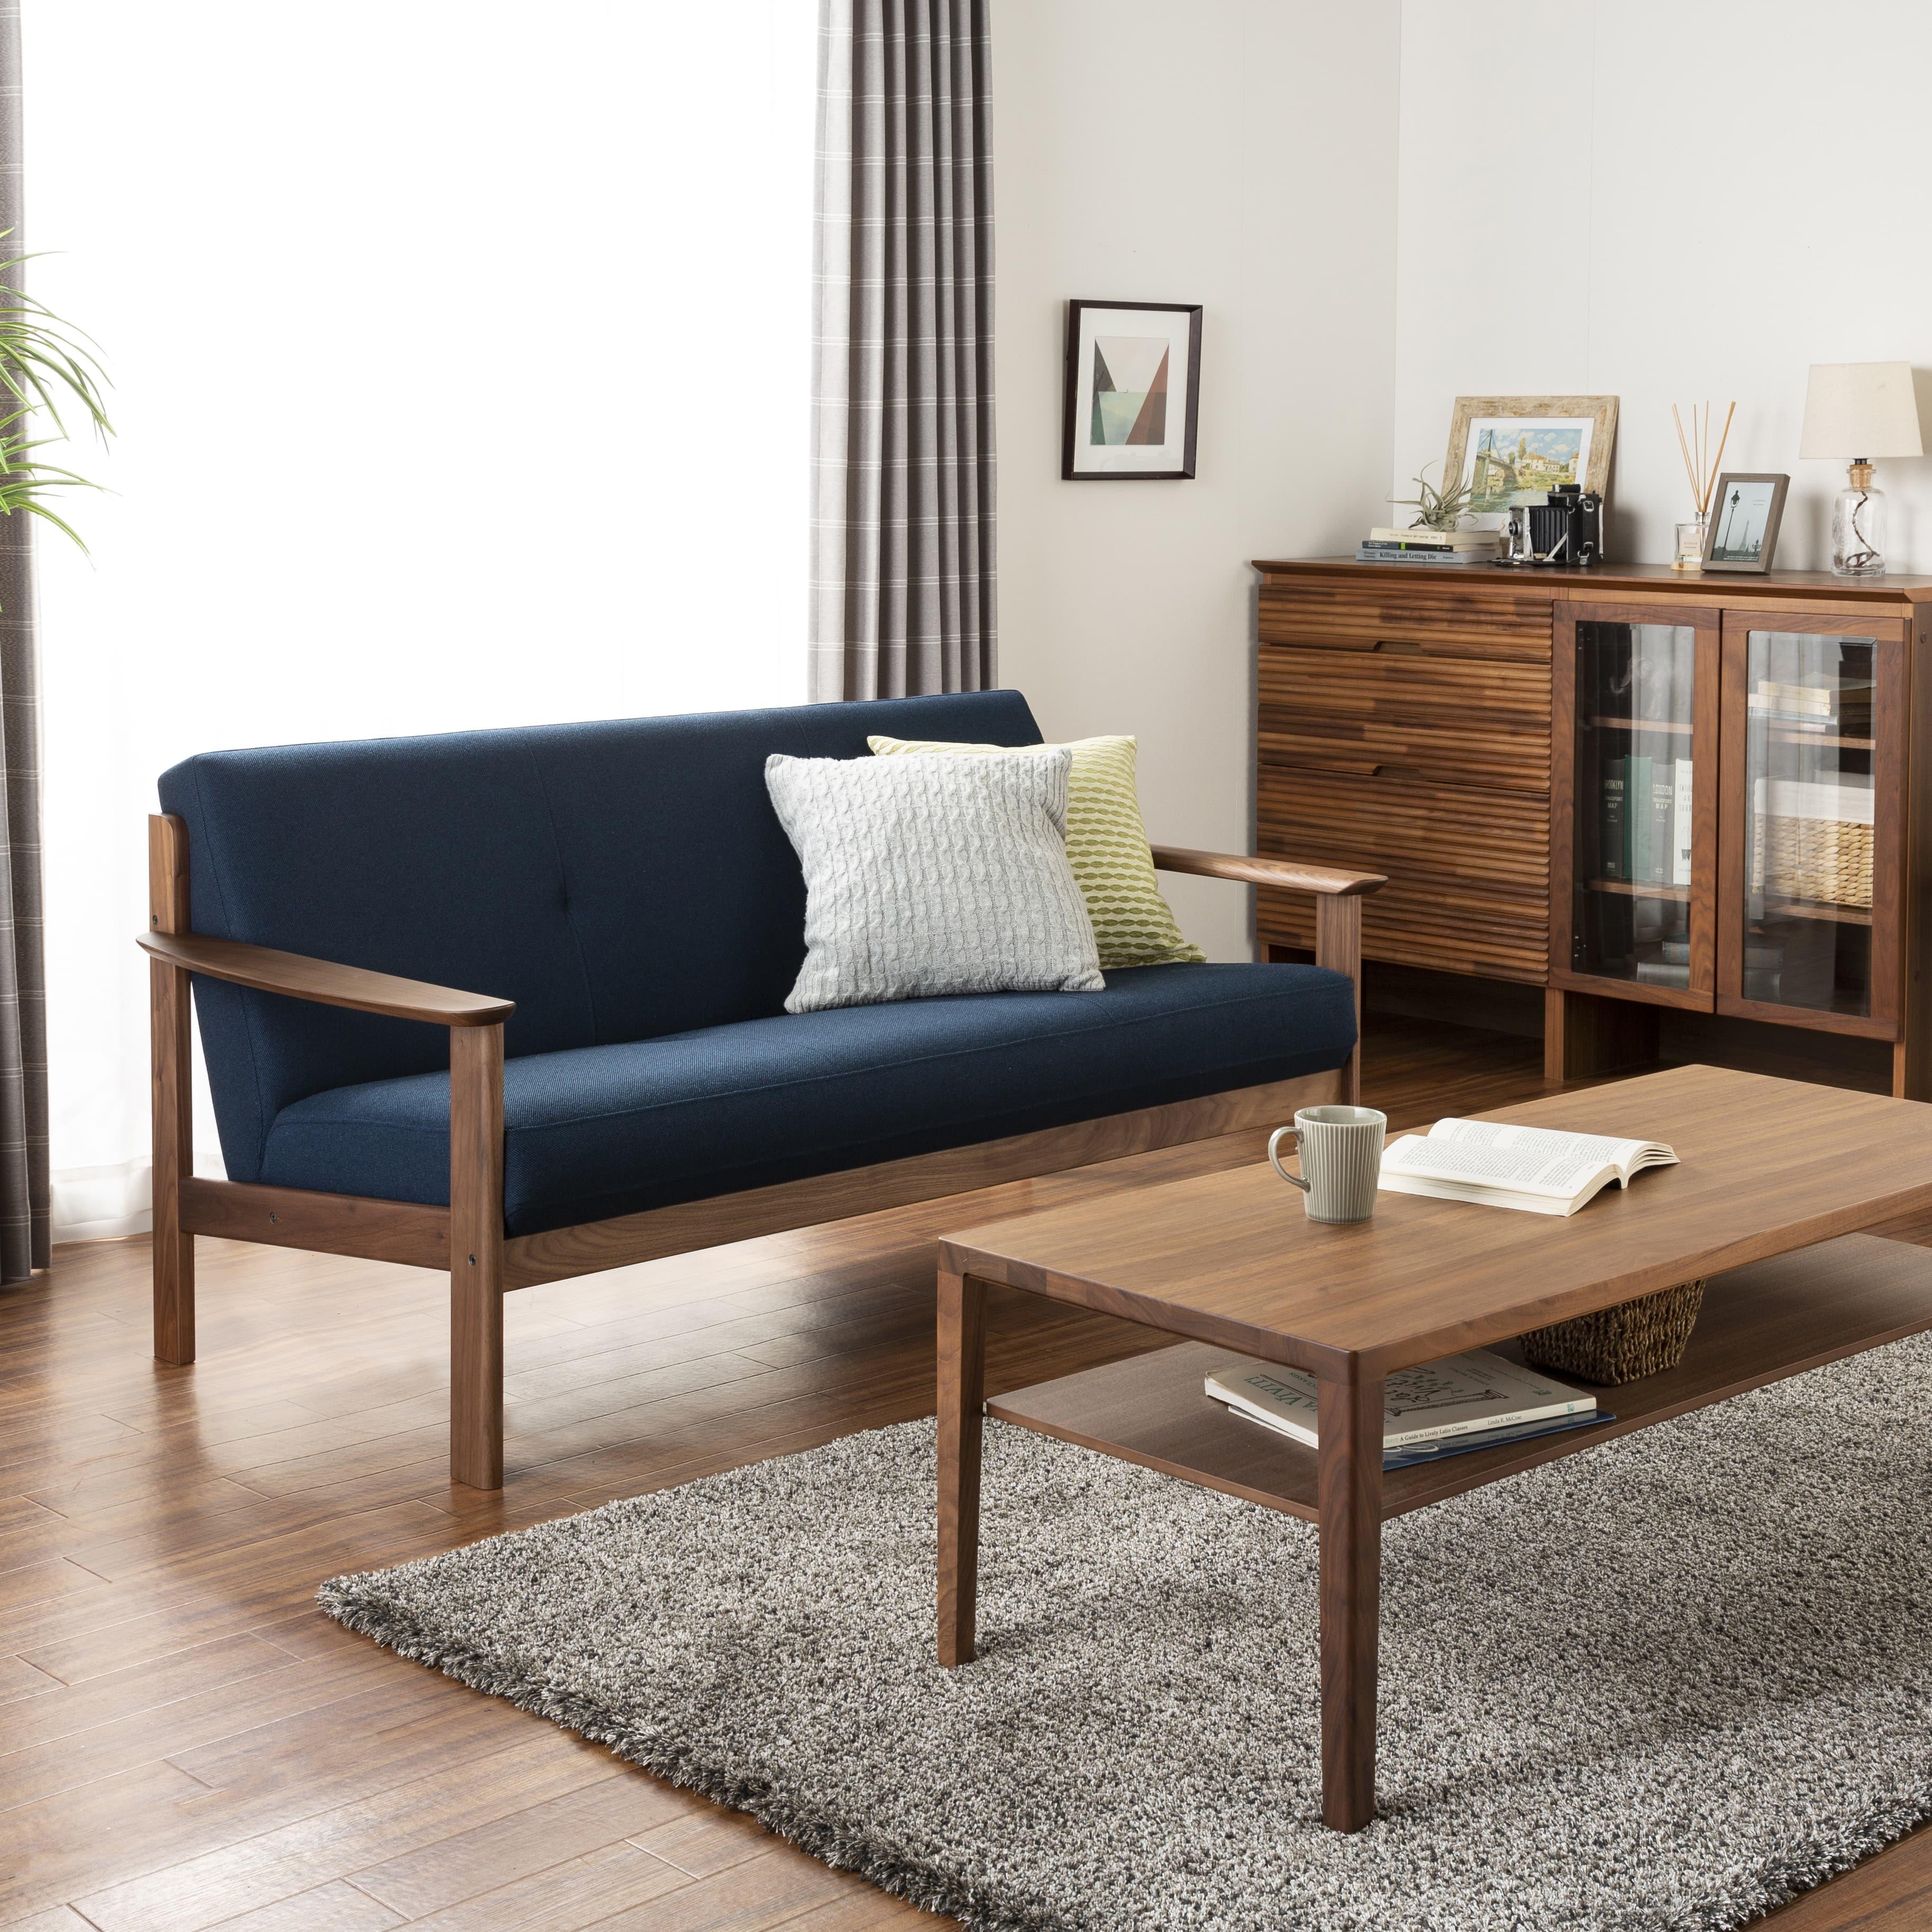 3人掛ソファー W13103 特注ウォールナット(張地:B790):世界3大銘木の木材を使用しているソファー